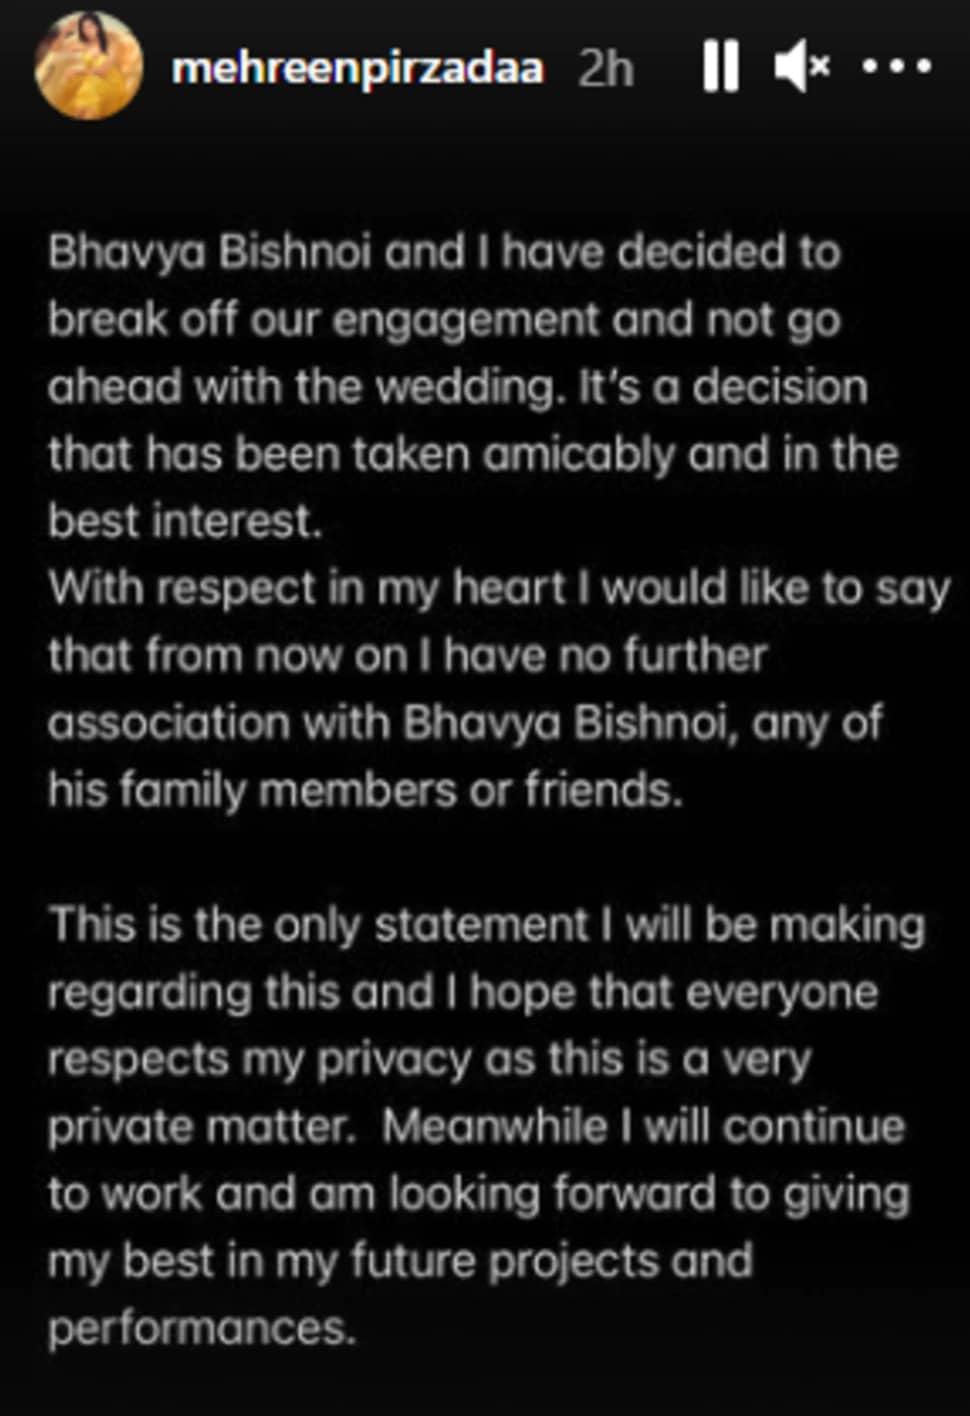 mehreen pirzada statement bhavya bishni